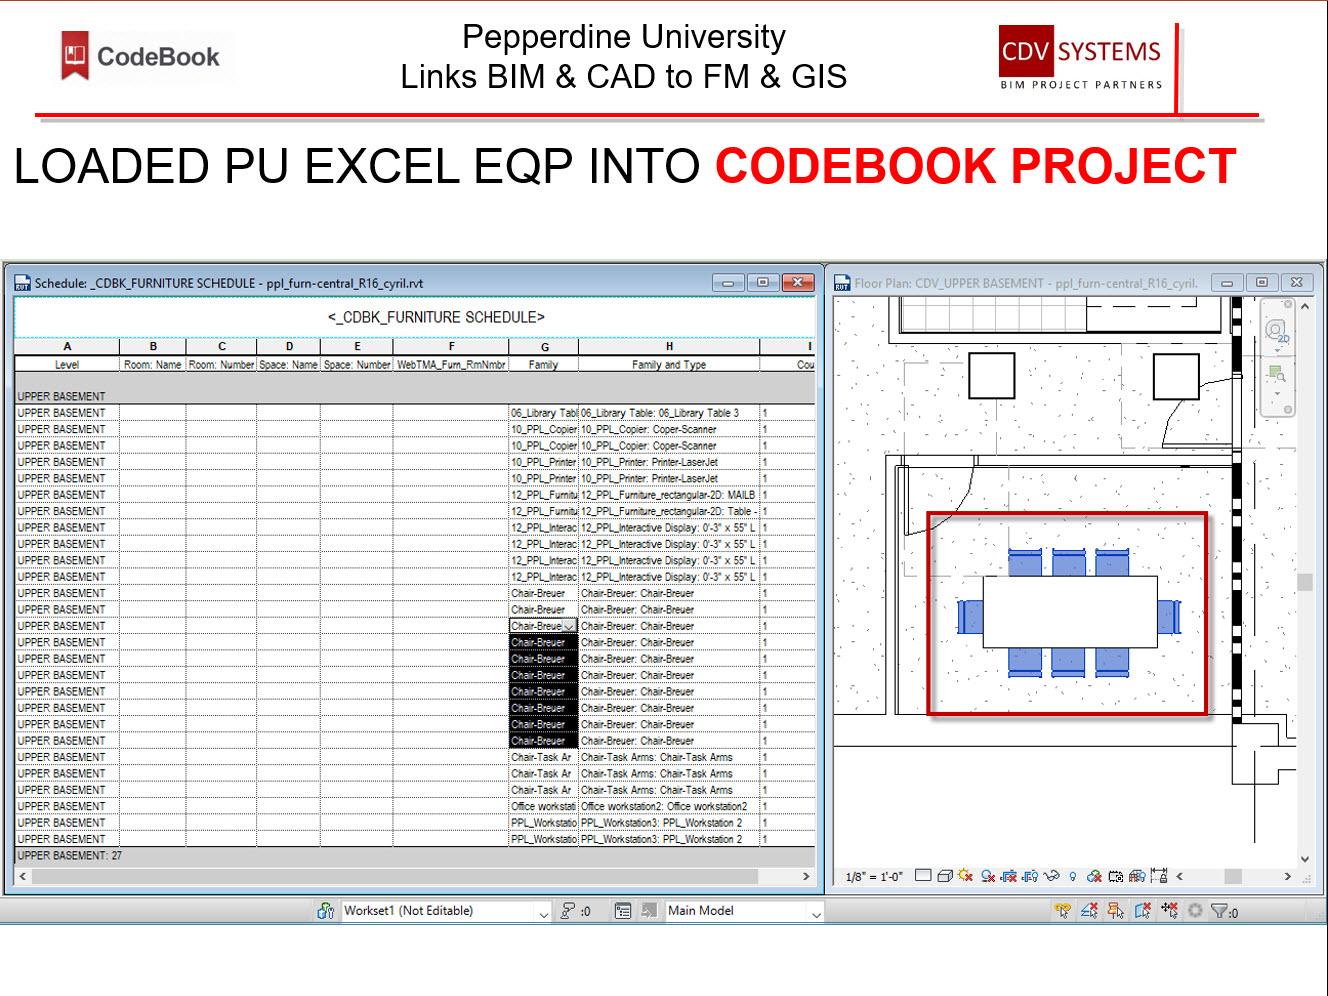 PROJECT CODEBOOK_13j64.jpg